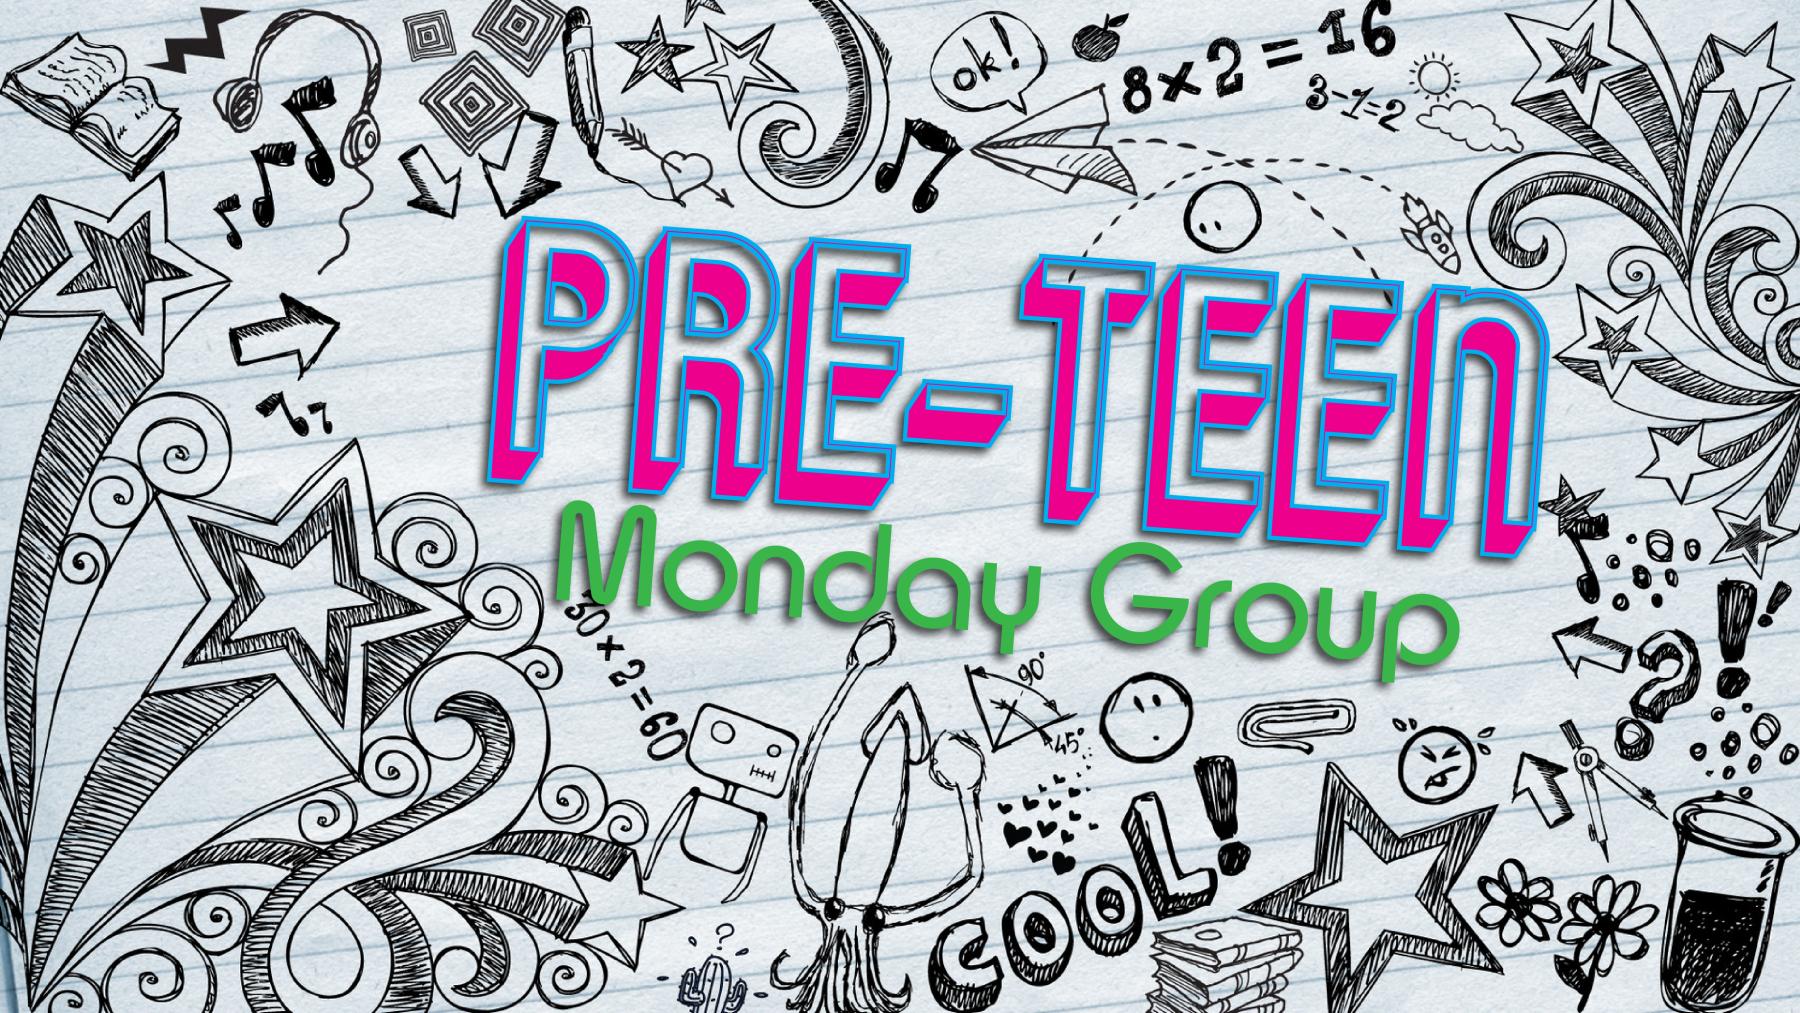 Pre-Teen Monday Group